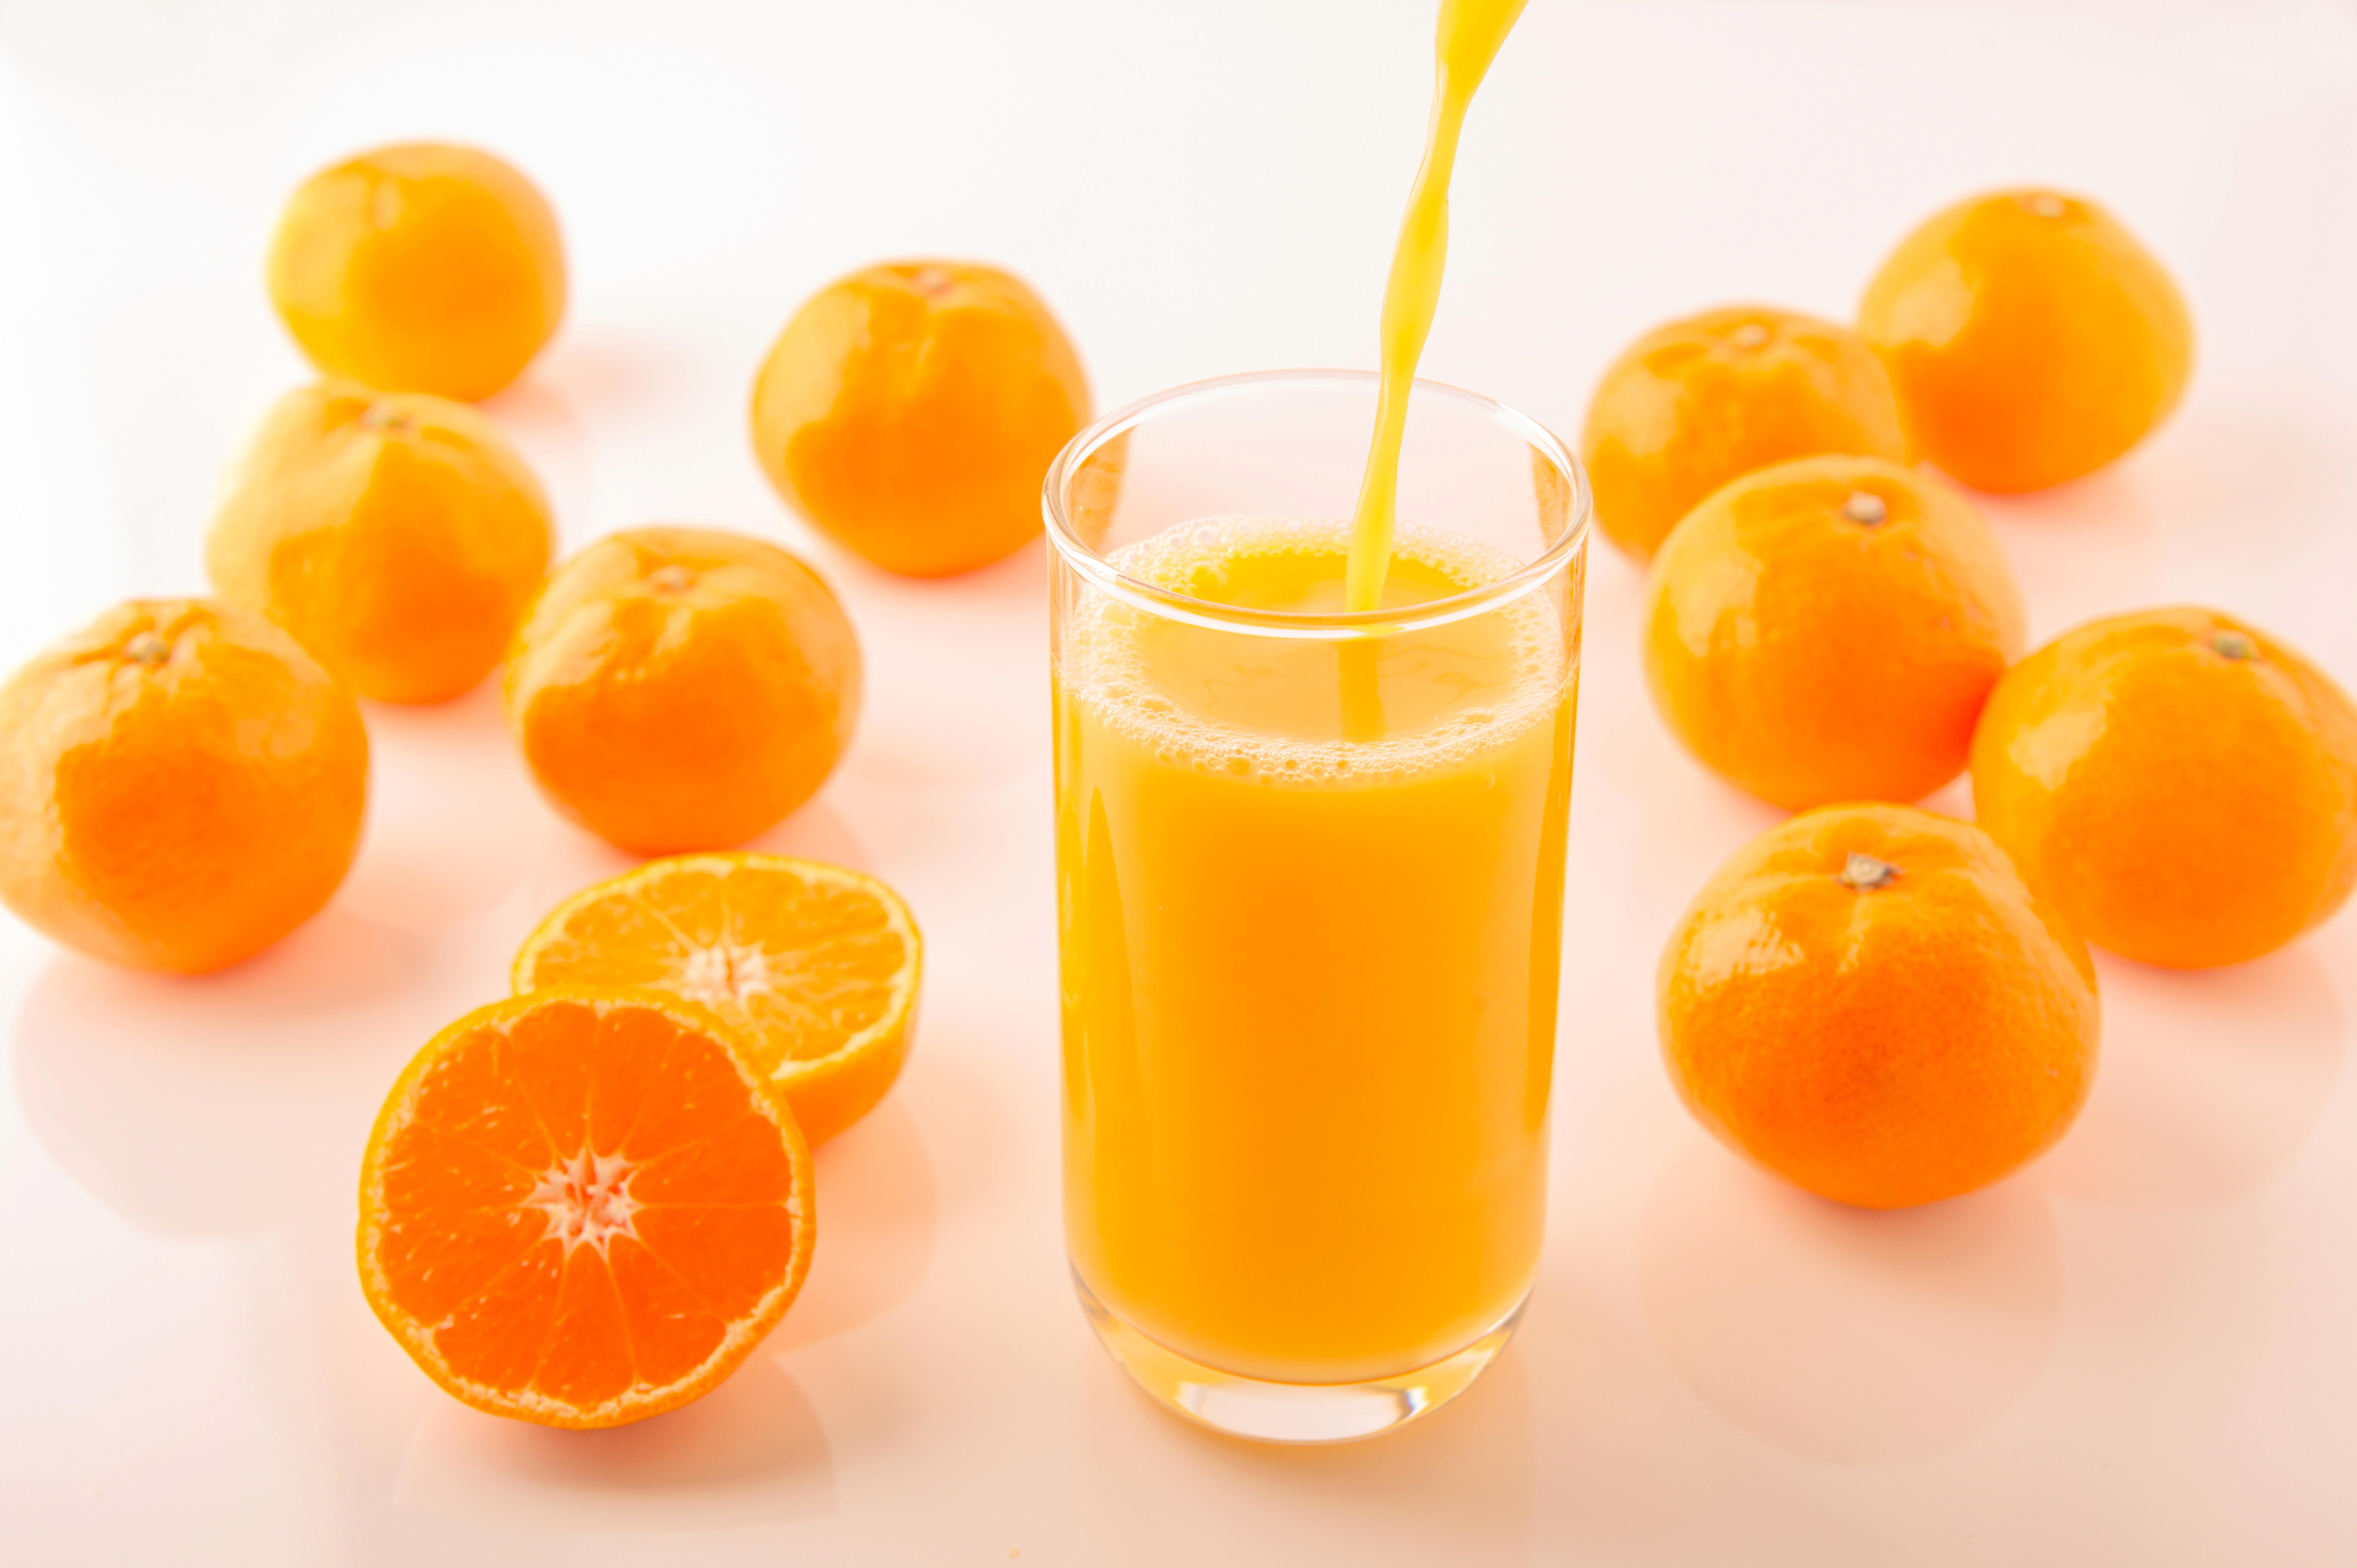 Обои для рабочего стола Сок Мандарины Стакан Еда стакана стакане Пища Продукты питания